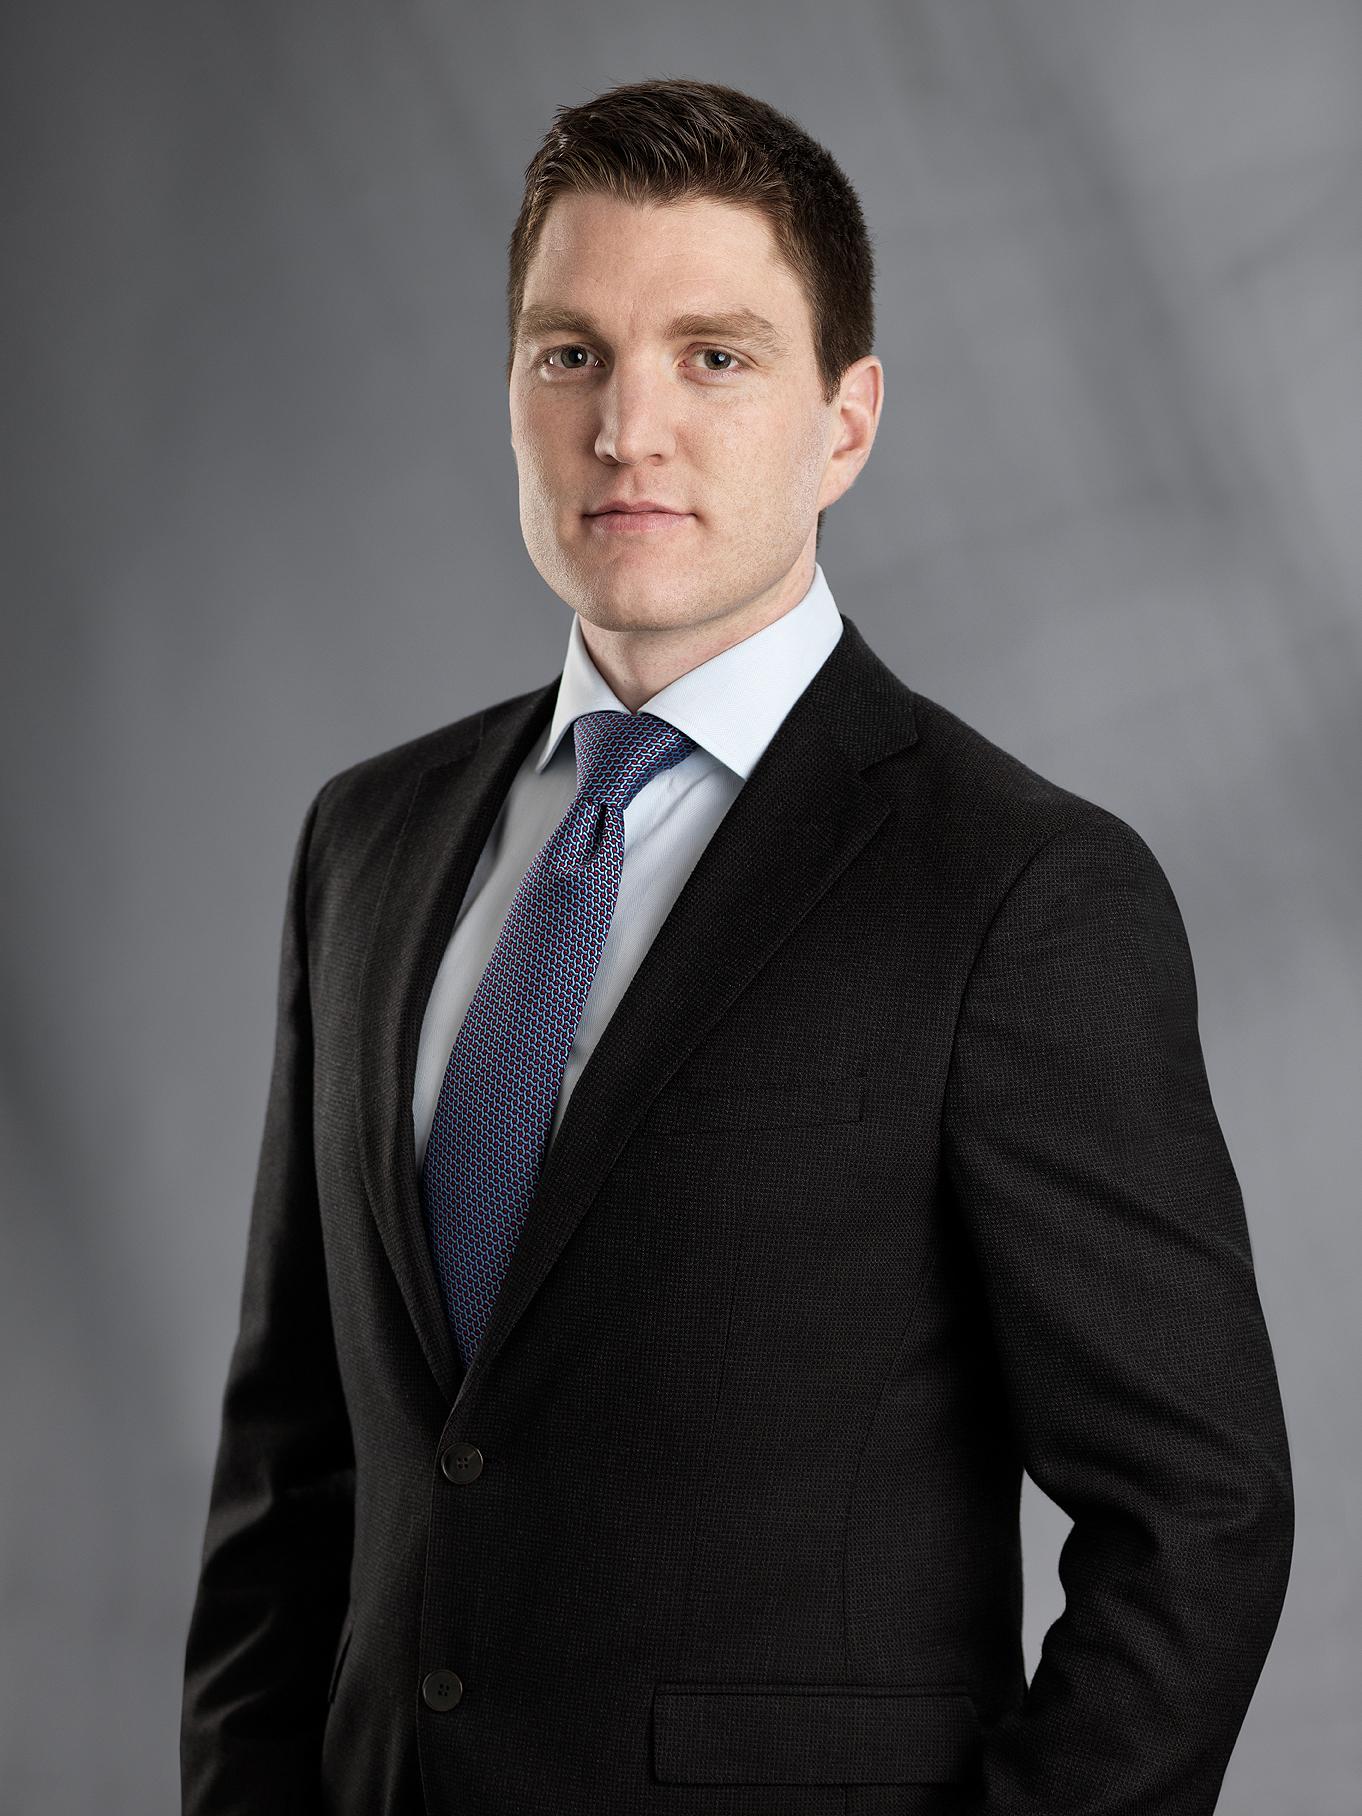 Andreas Suter